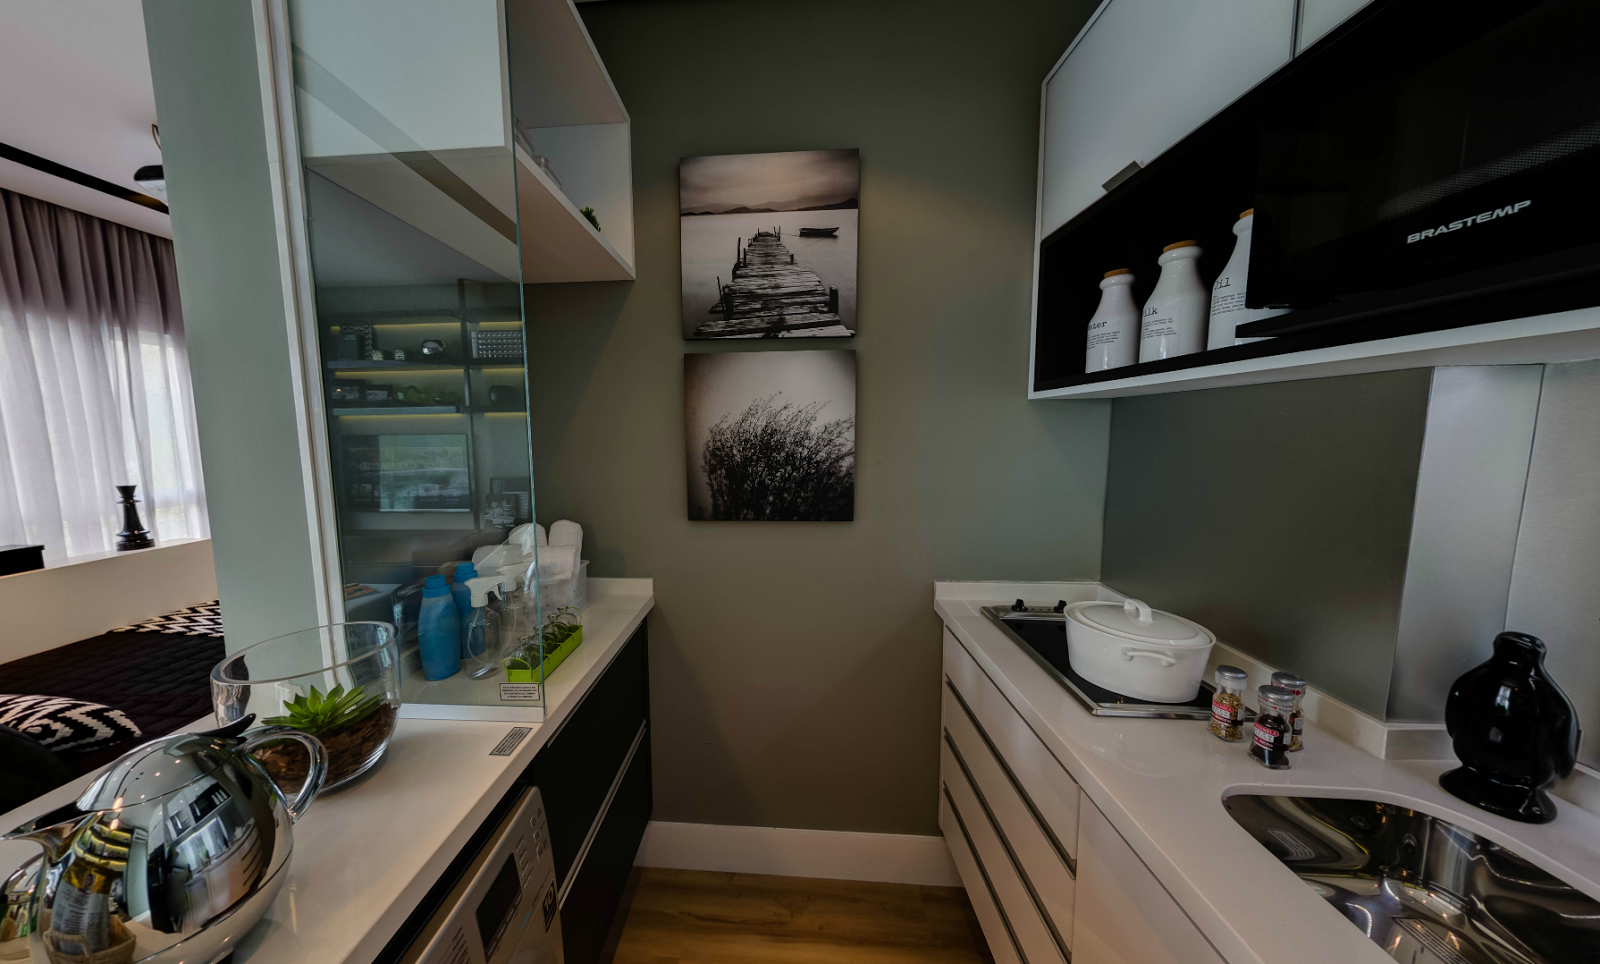 bancada da cozinha e a bancada da pia formam uma espécie de corredor #284C5C 1600 964